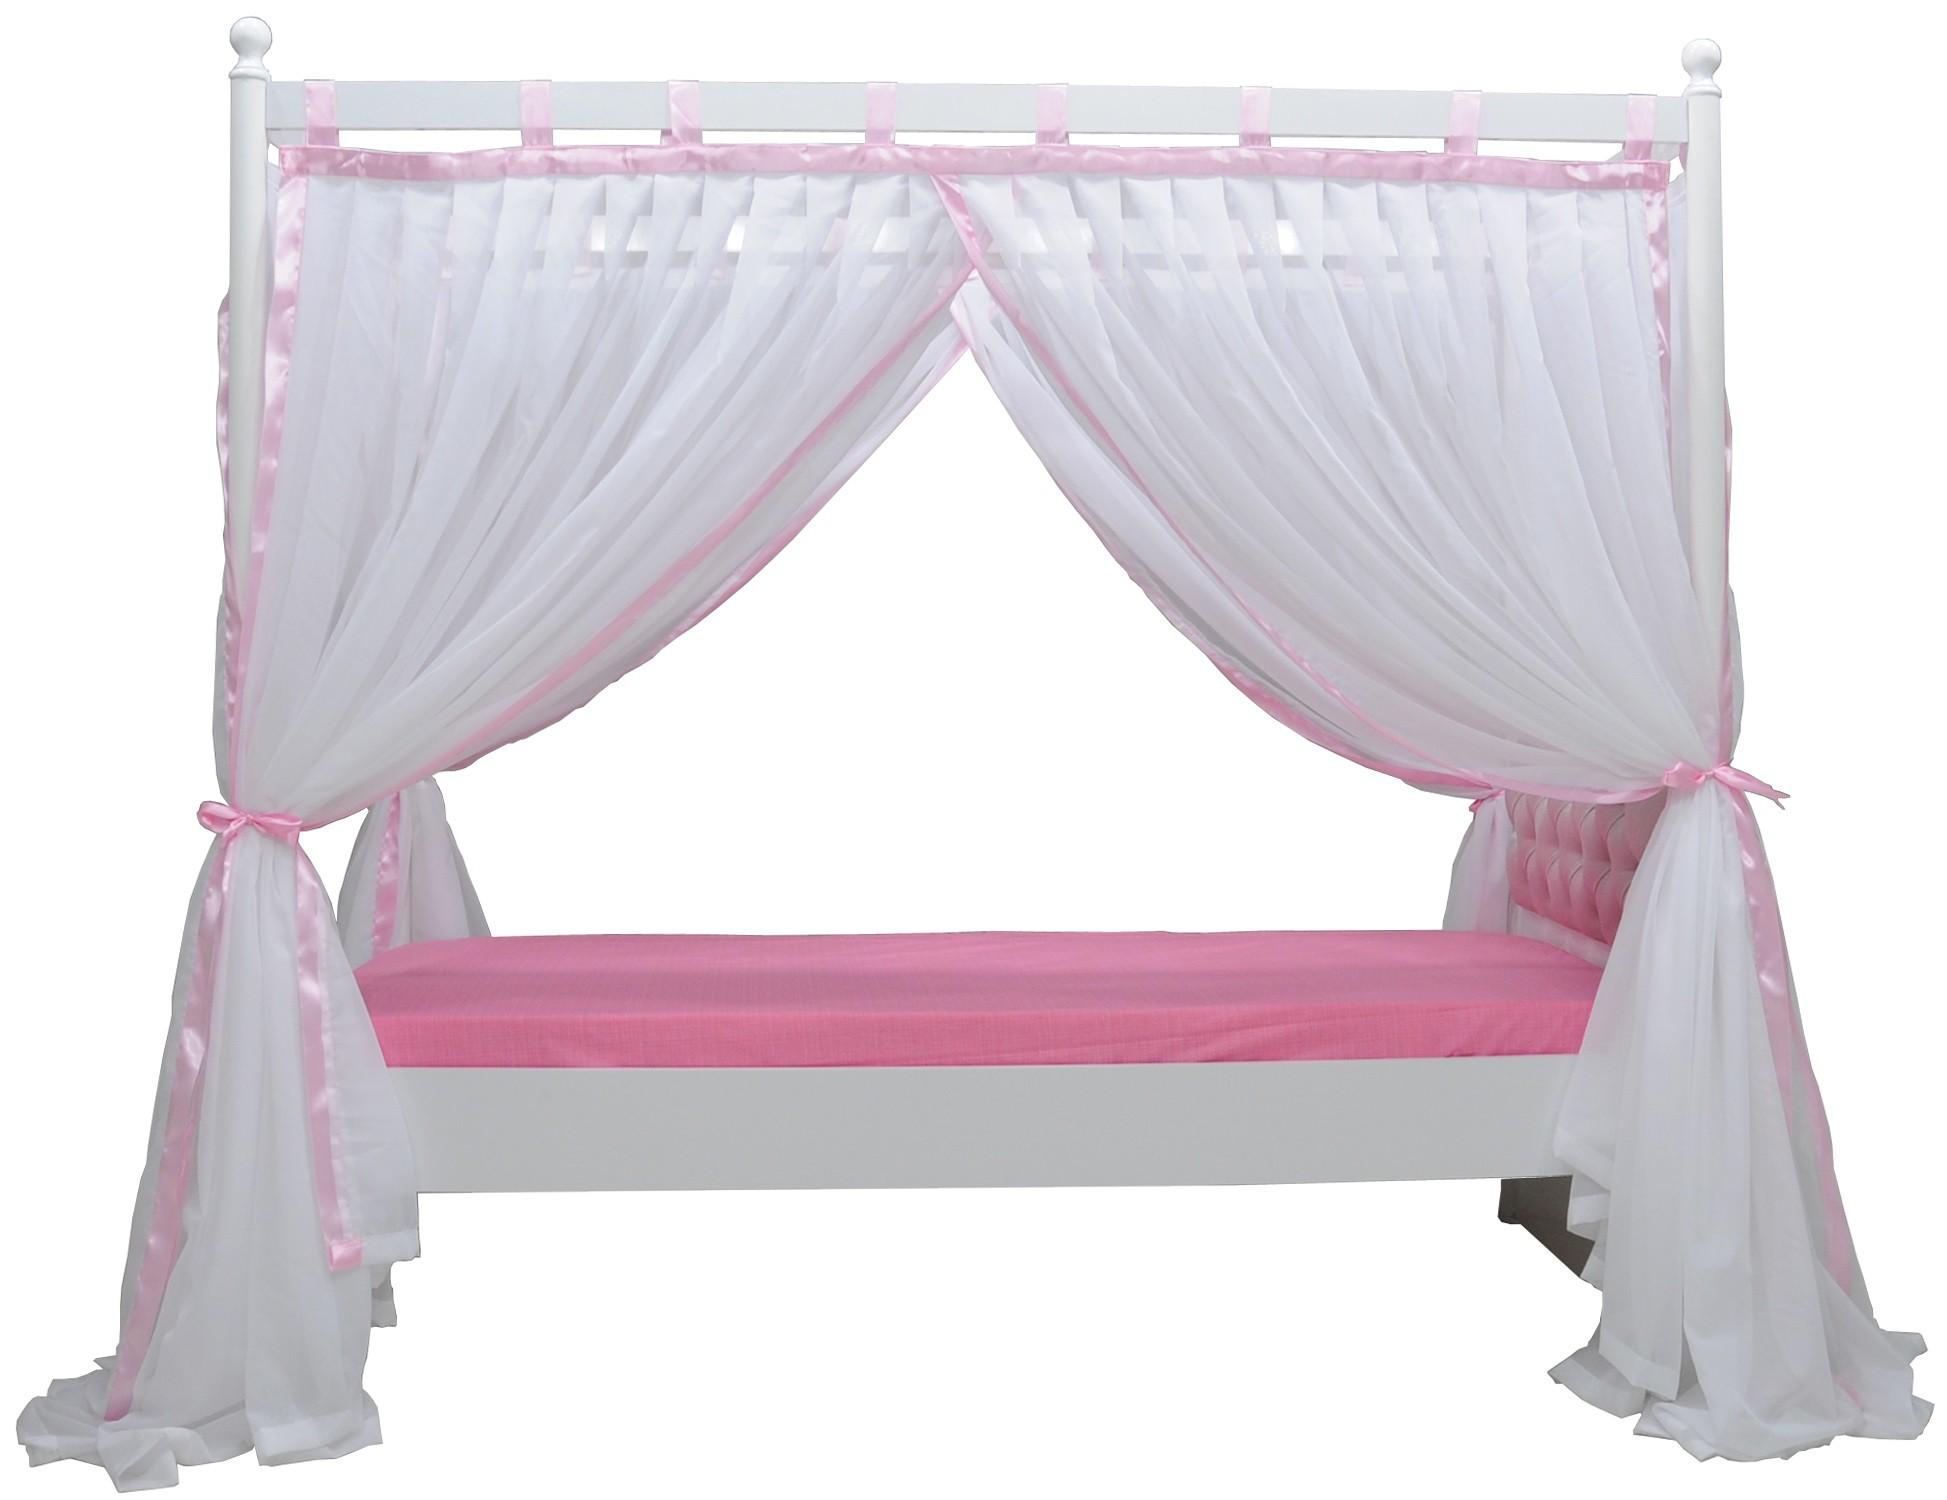 Inrichting woonkamer riviera maison for - Slaapkamer decoratie volwassenen ...